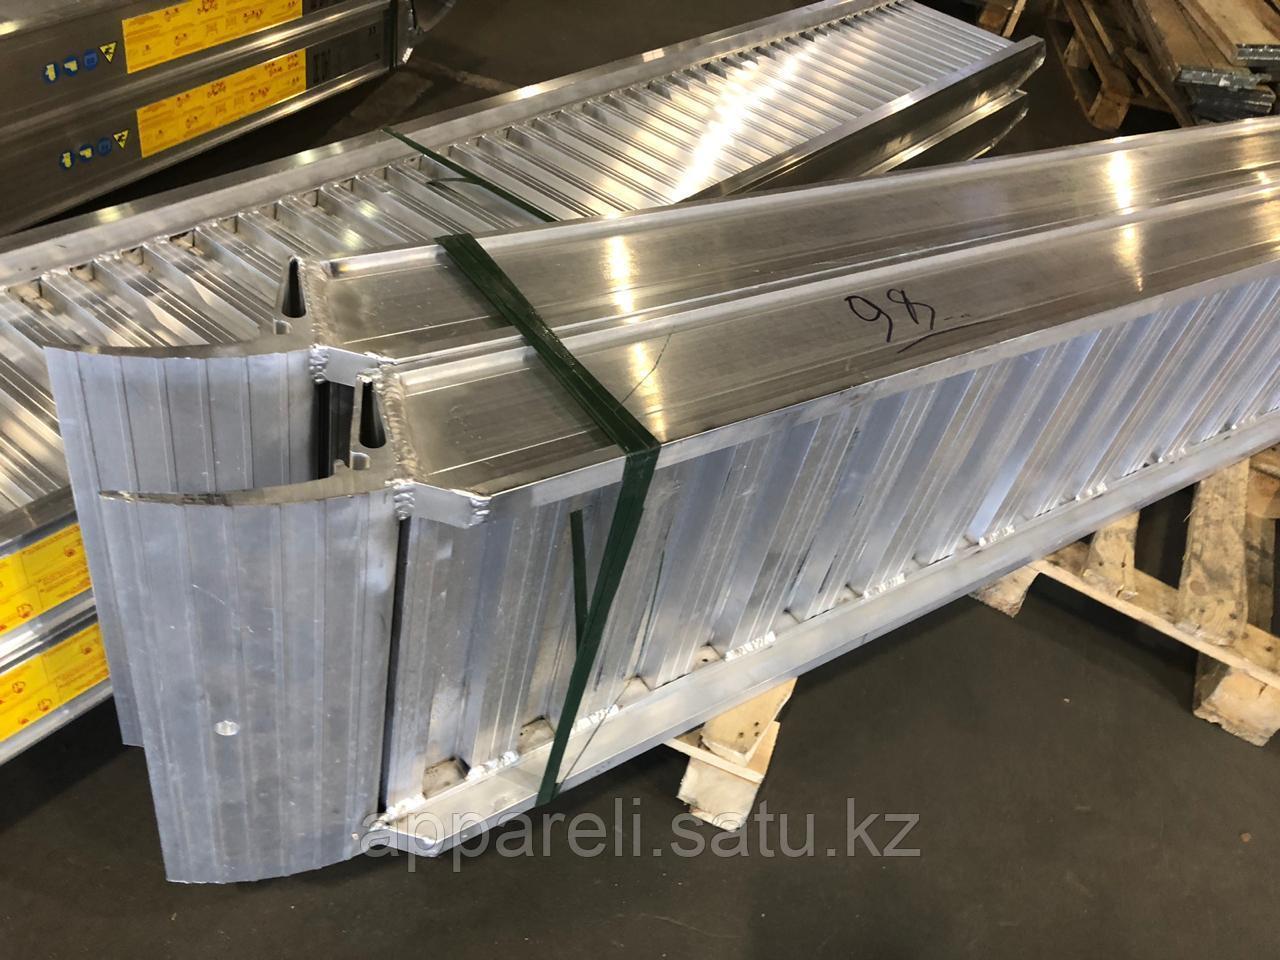 Сходни трапы аппарели из алюминия, производство